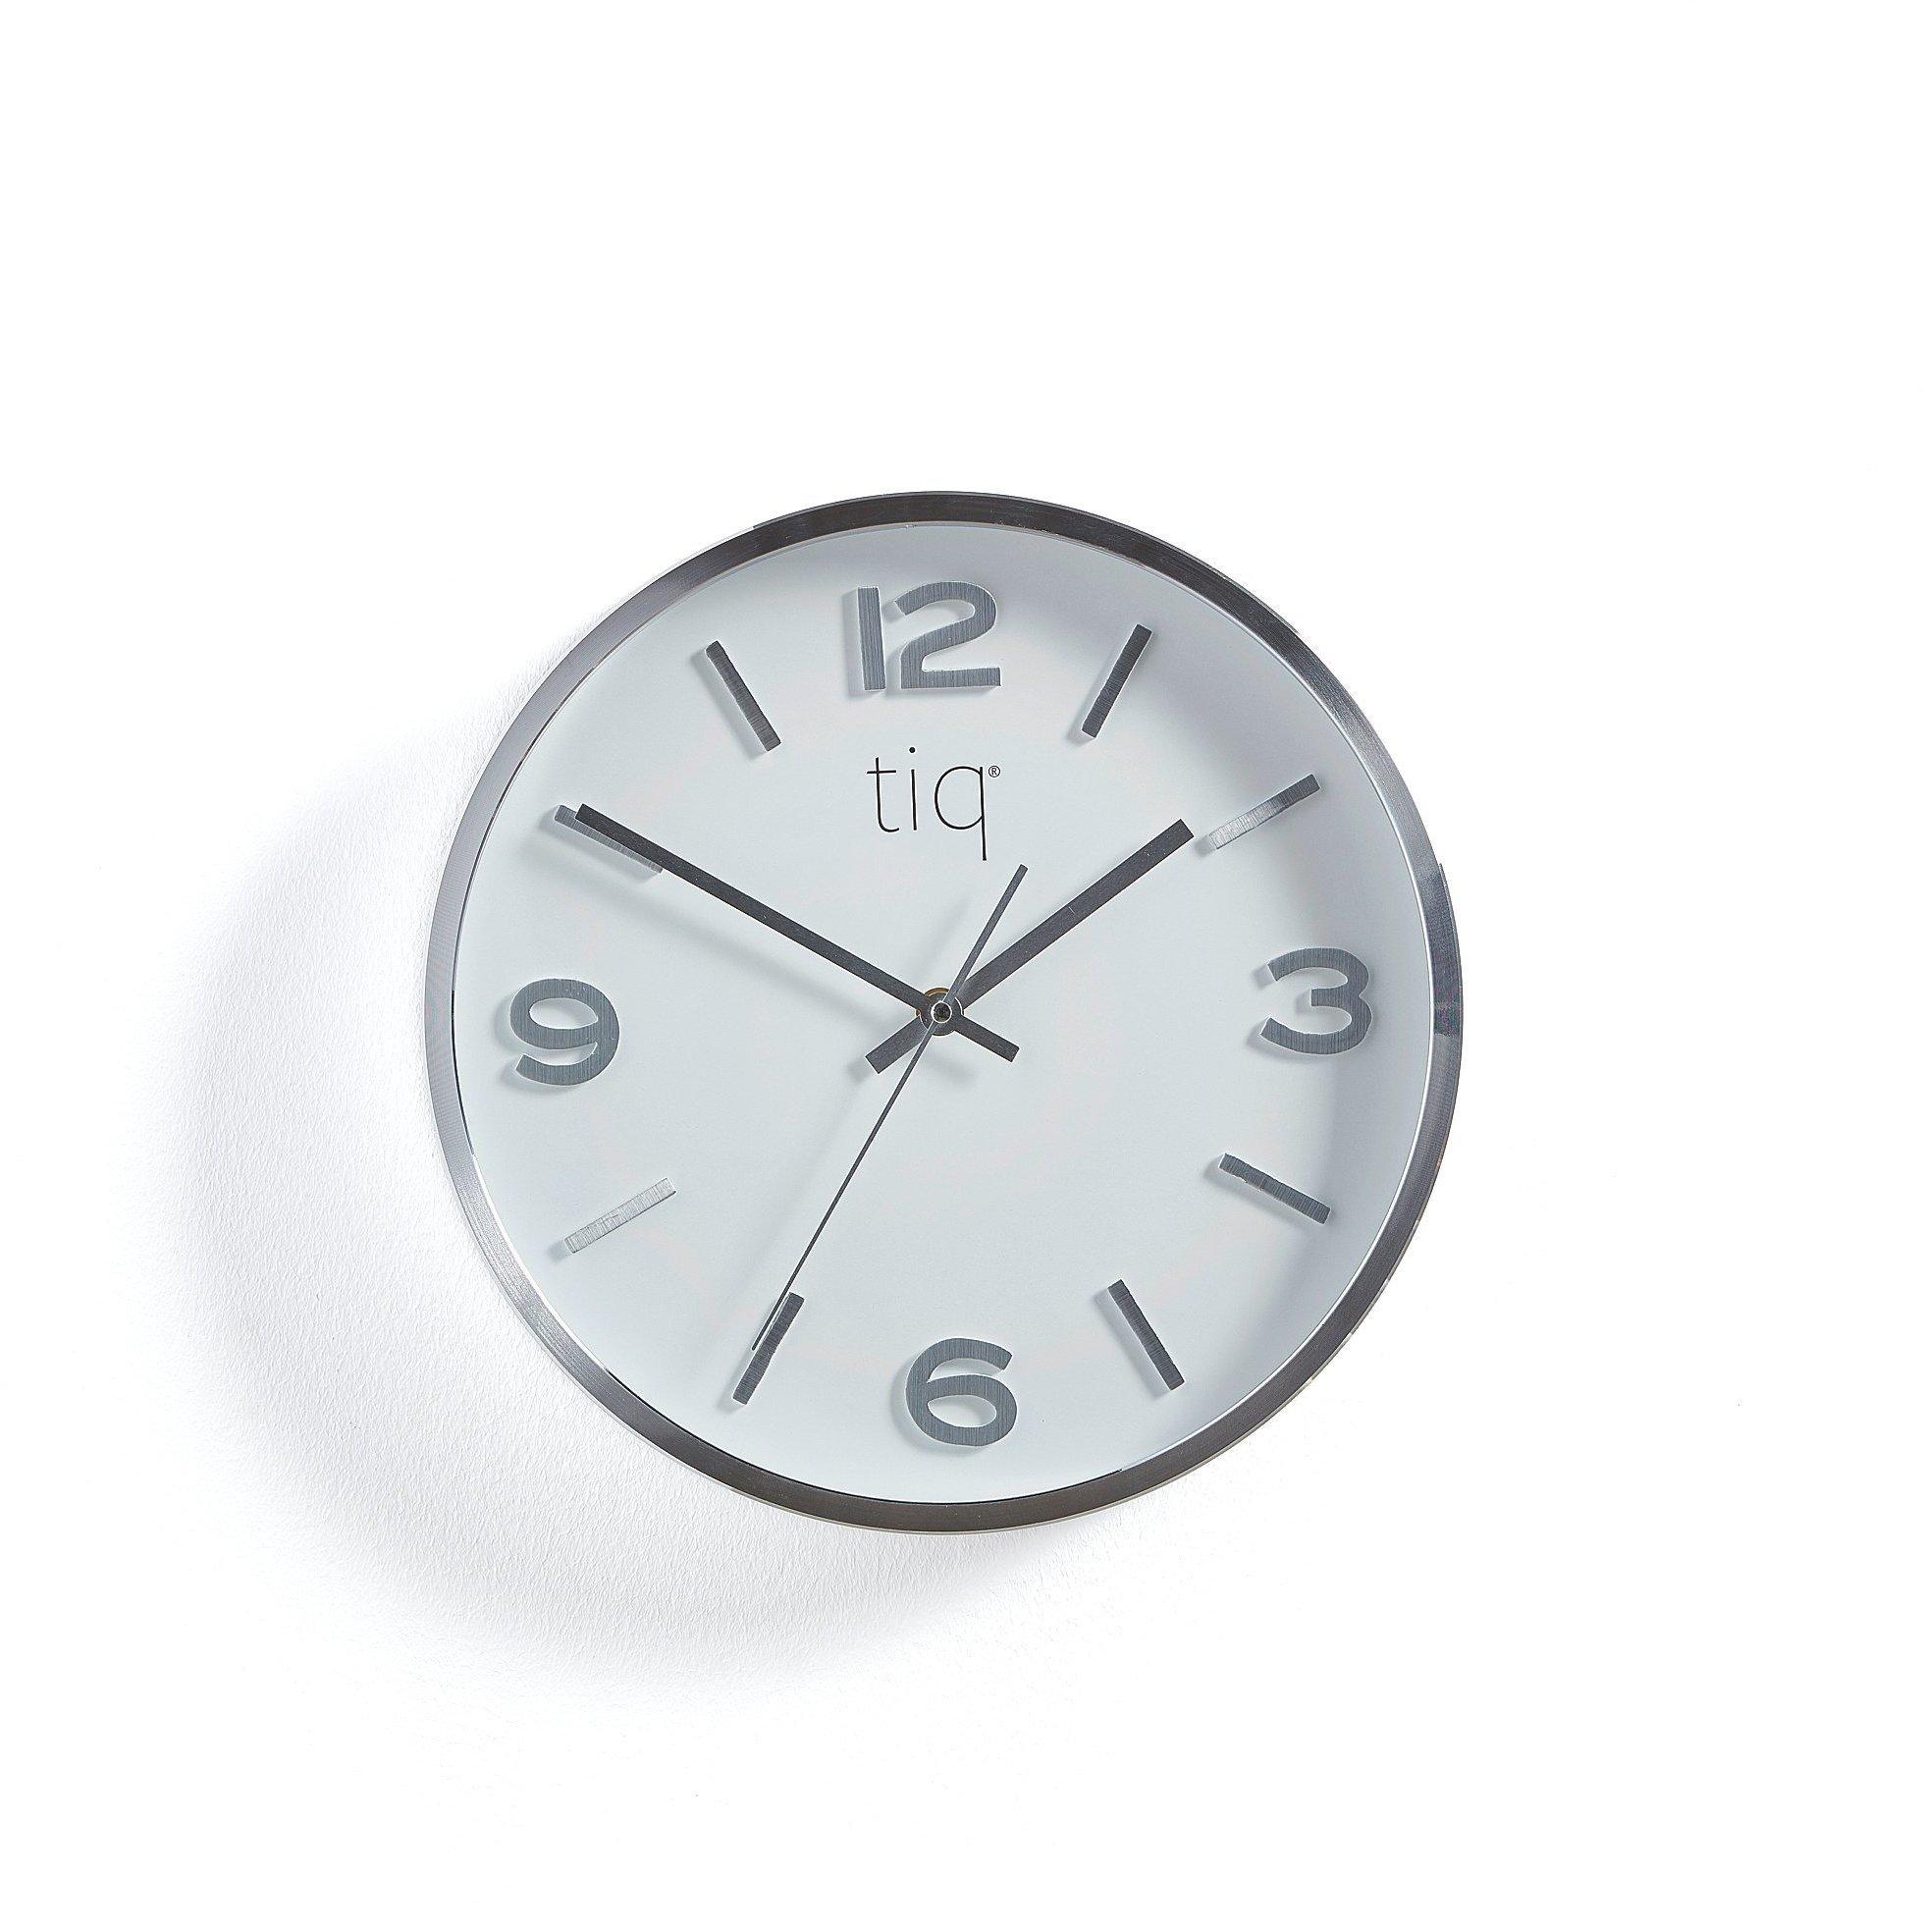 Tiché nástenné hodiny, Ø 300 mm, strieborné